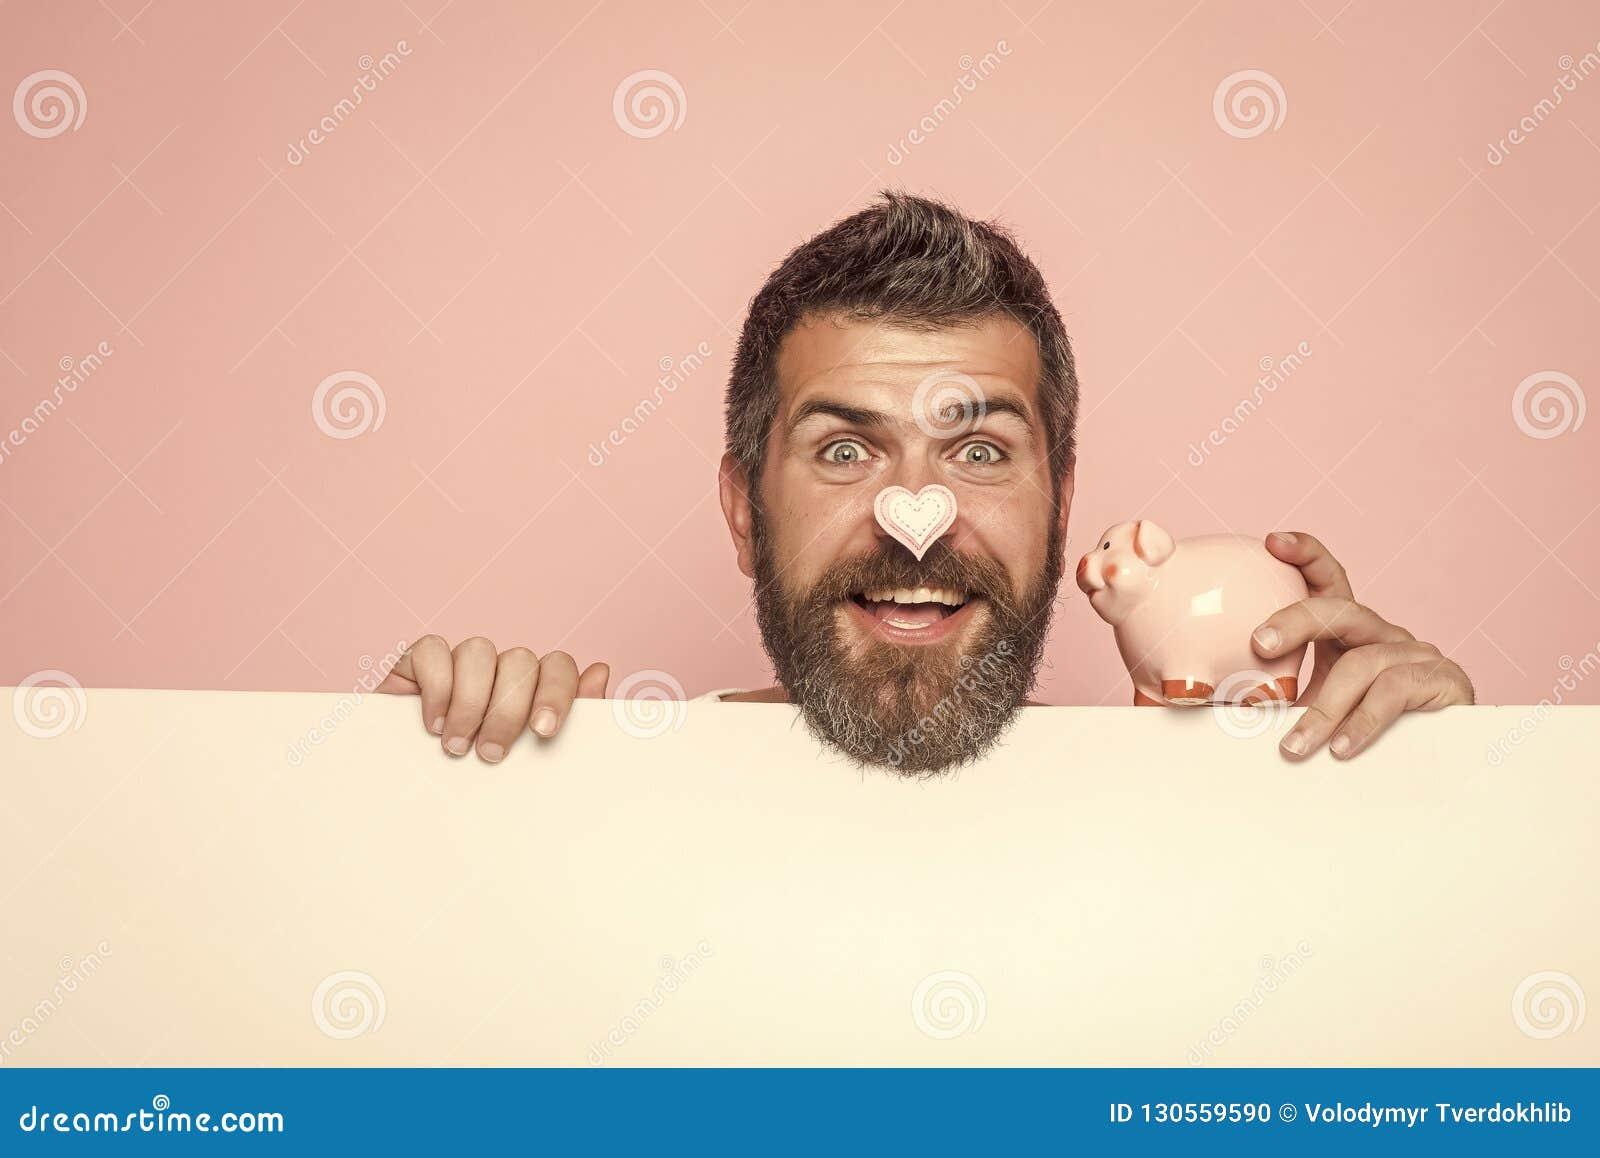 Mężczyzna z brodą na szczęśliwym twarz chwyta prosiątka banku, moneybox